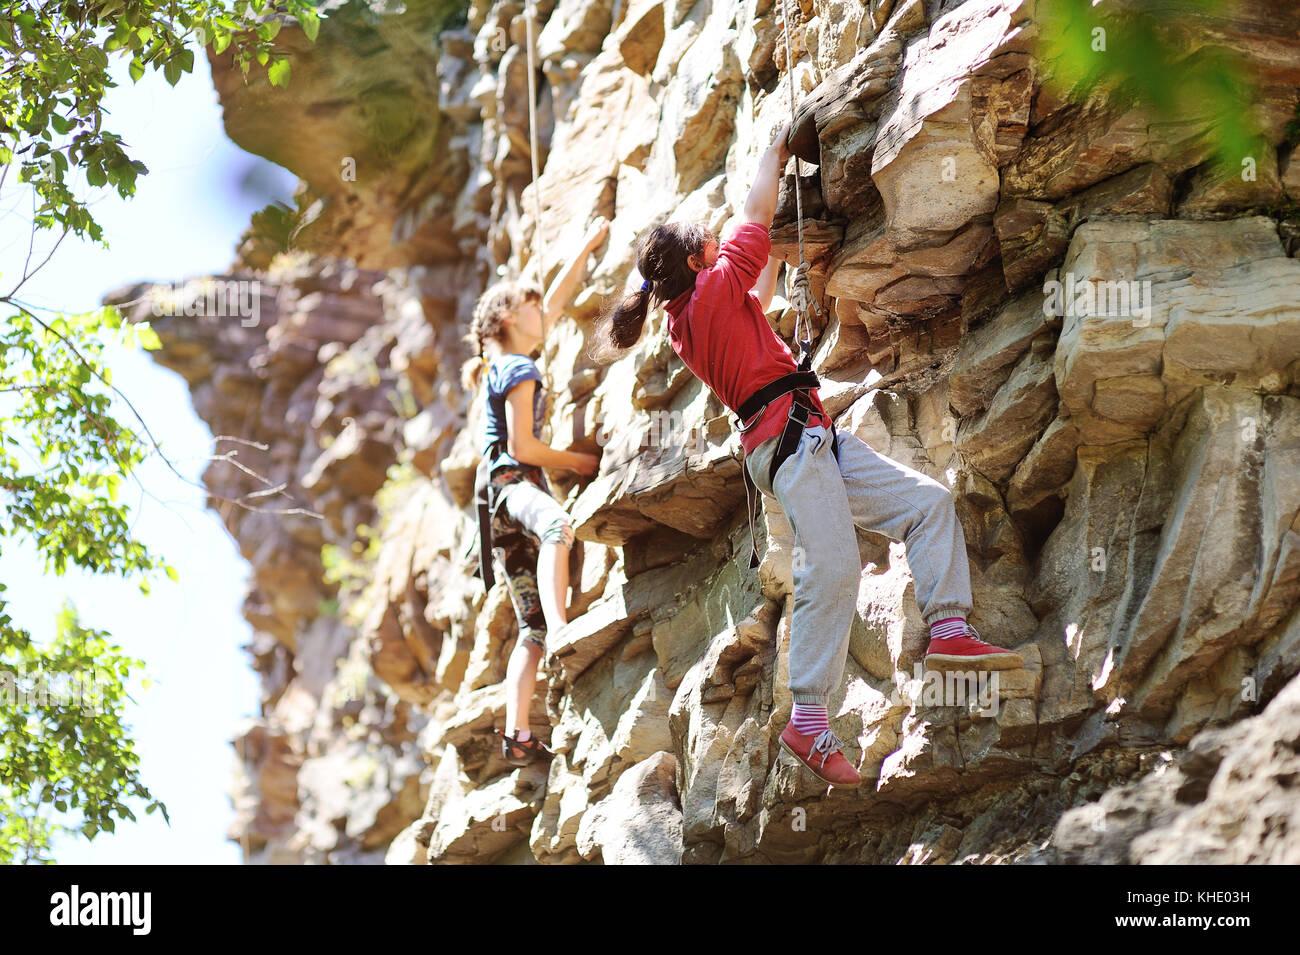 Due ragazze adolescenti sono impegnati nella palestra di roccia Immagini Stock